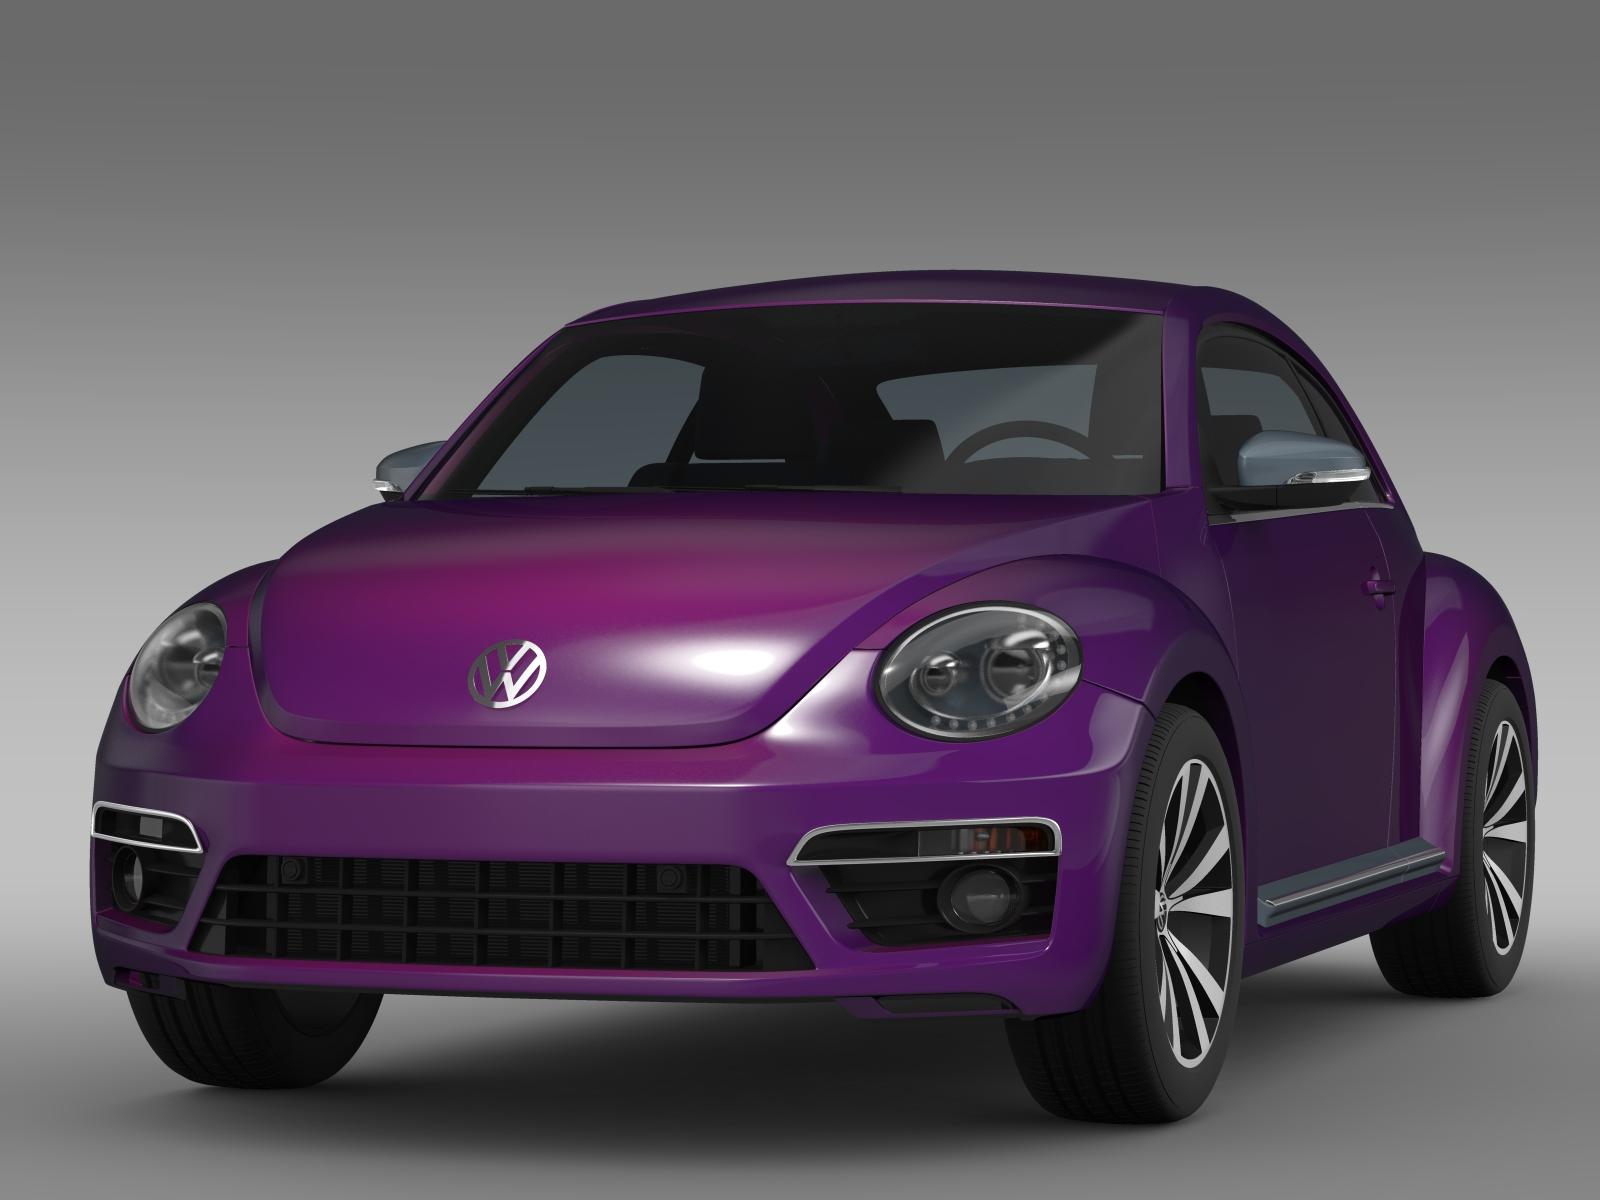 vw beetle pink edition concept 2015 3d model buy vw. Black Bedroom Furniture Sets. Home Design Ideas